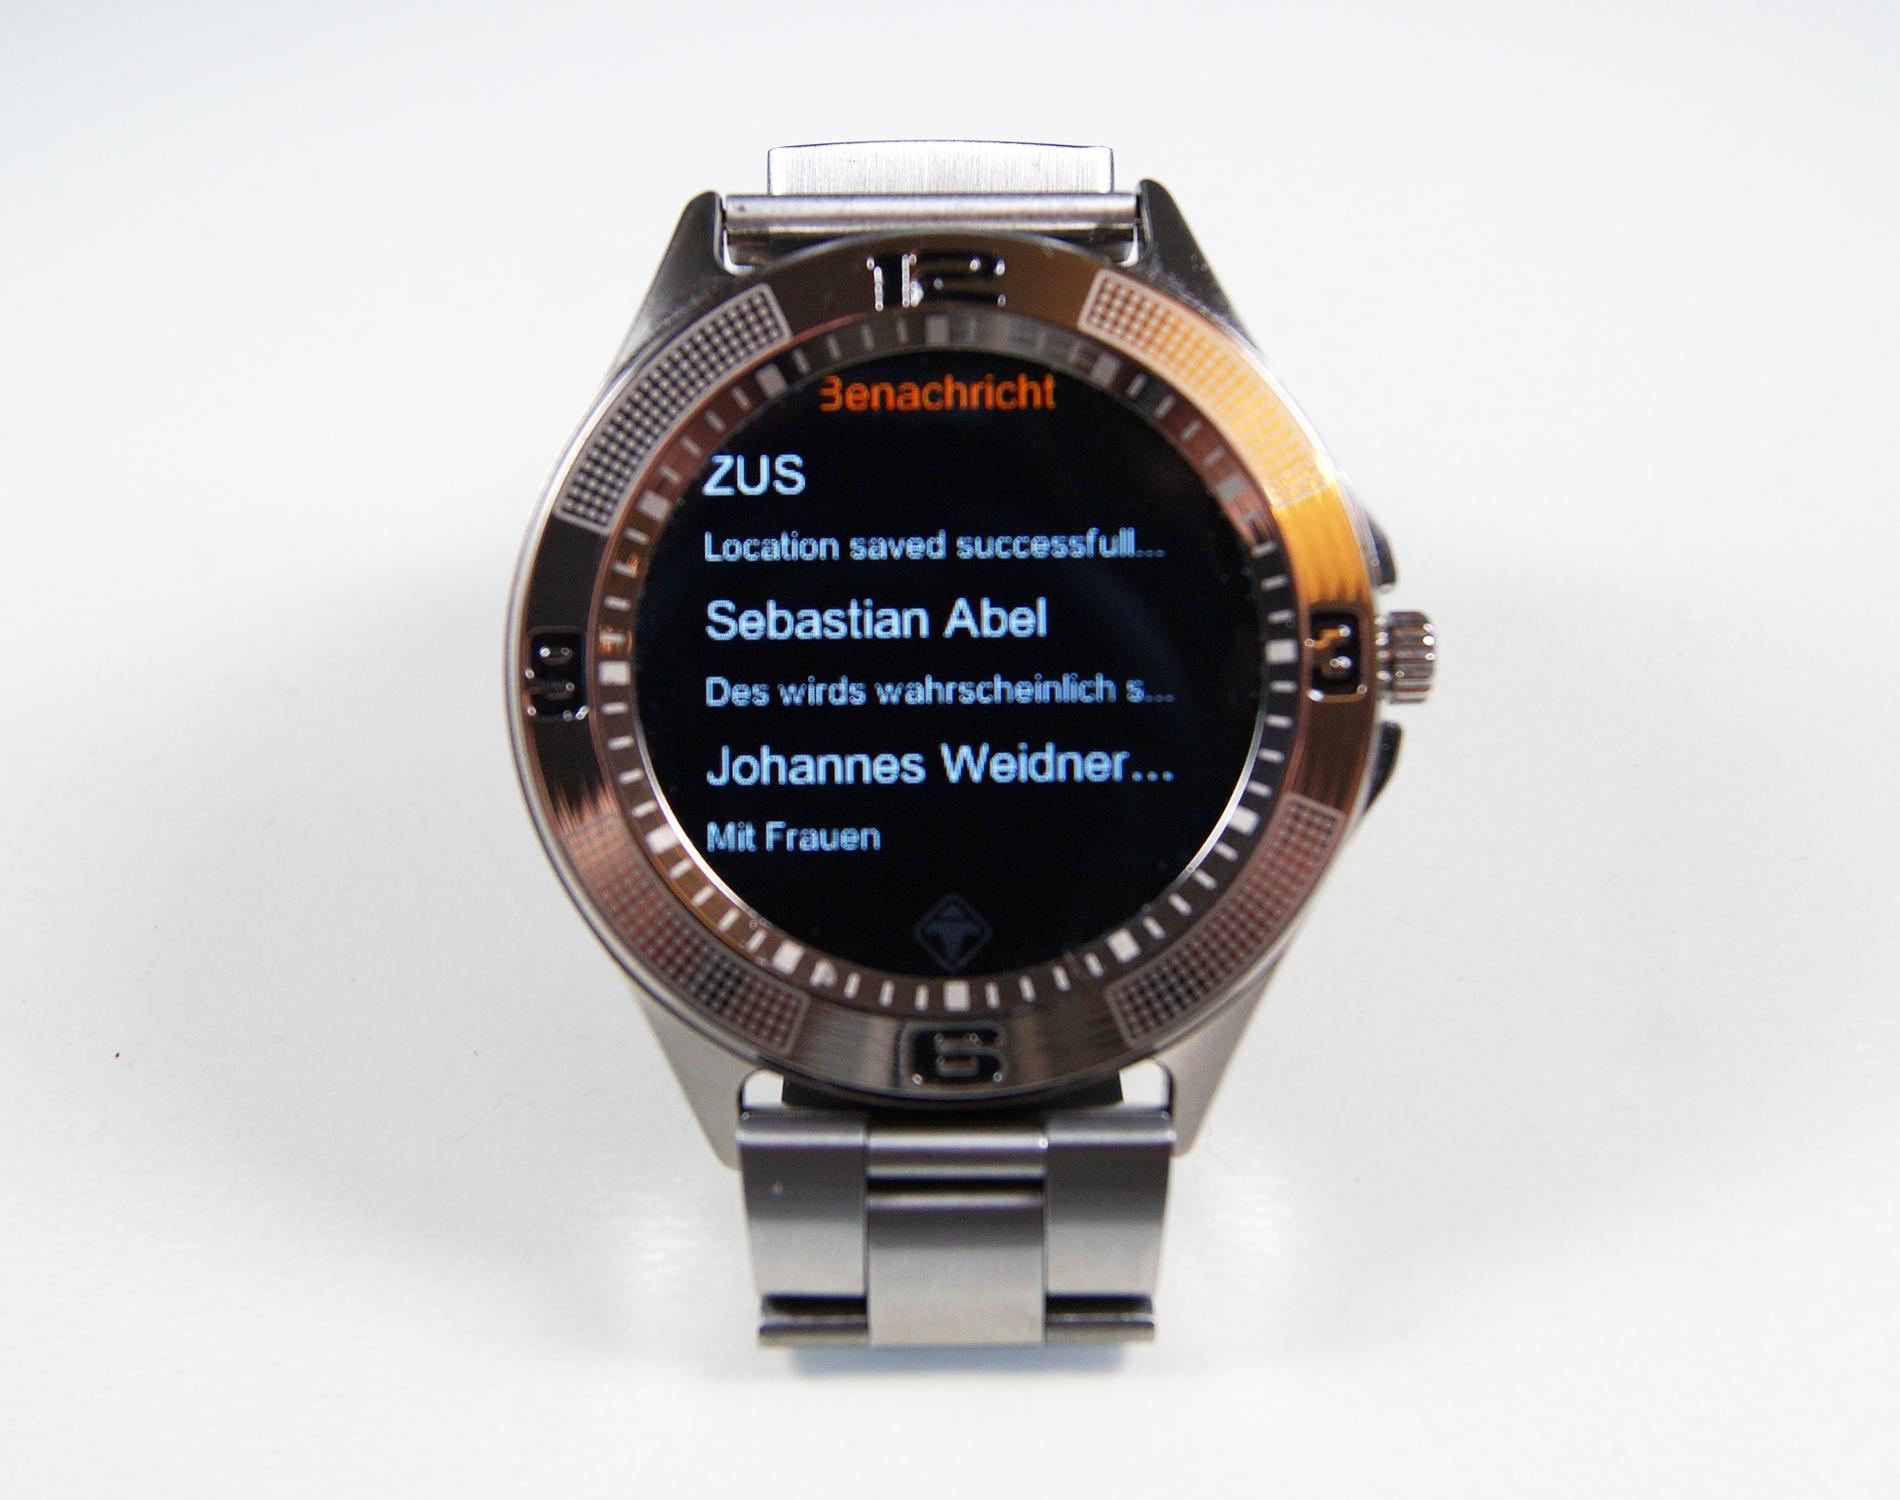 tiger smartwatch im test navigation gps blitzer pois. Black Bedroom Furniture Sets. Home Design Ideas